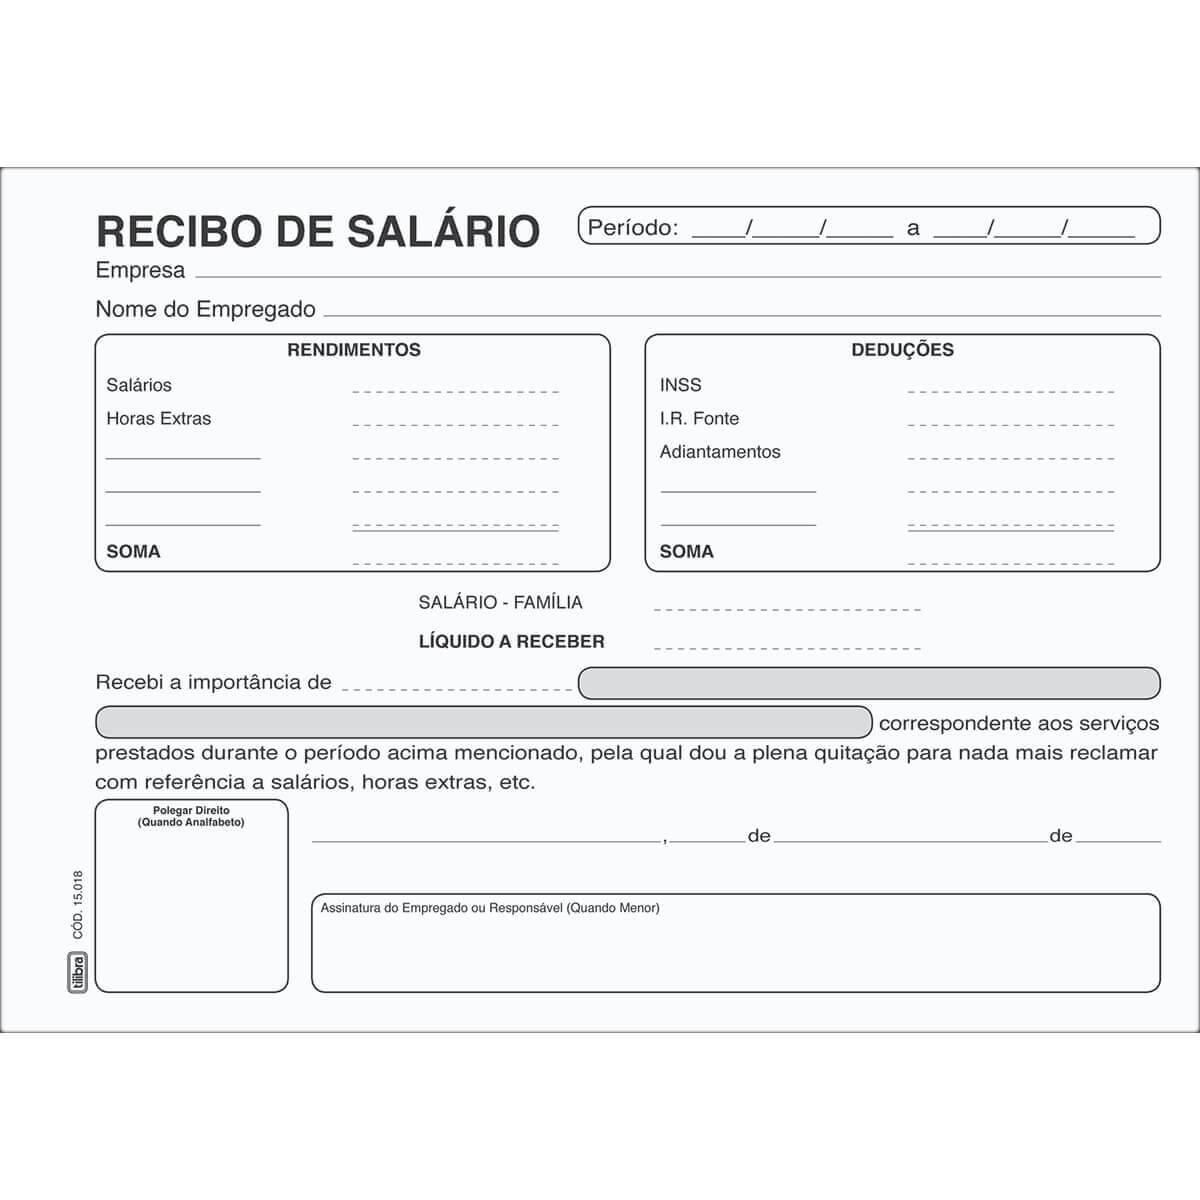 BLOCO RECIBO DE SALARIO 100 FOLHAS - TILIBRA